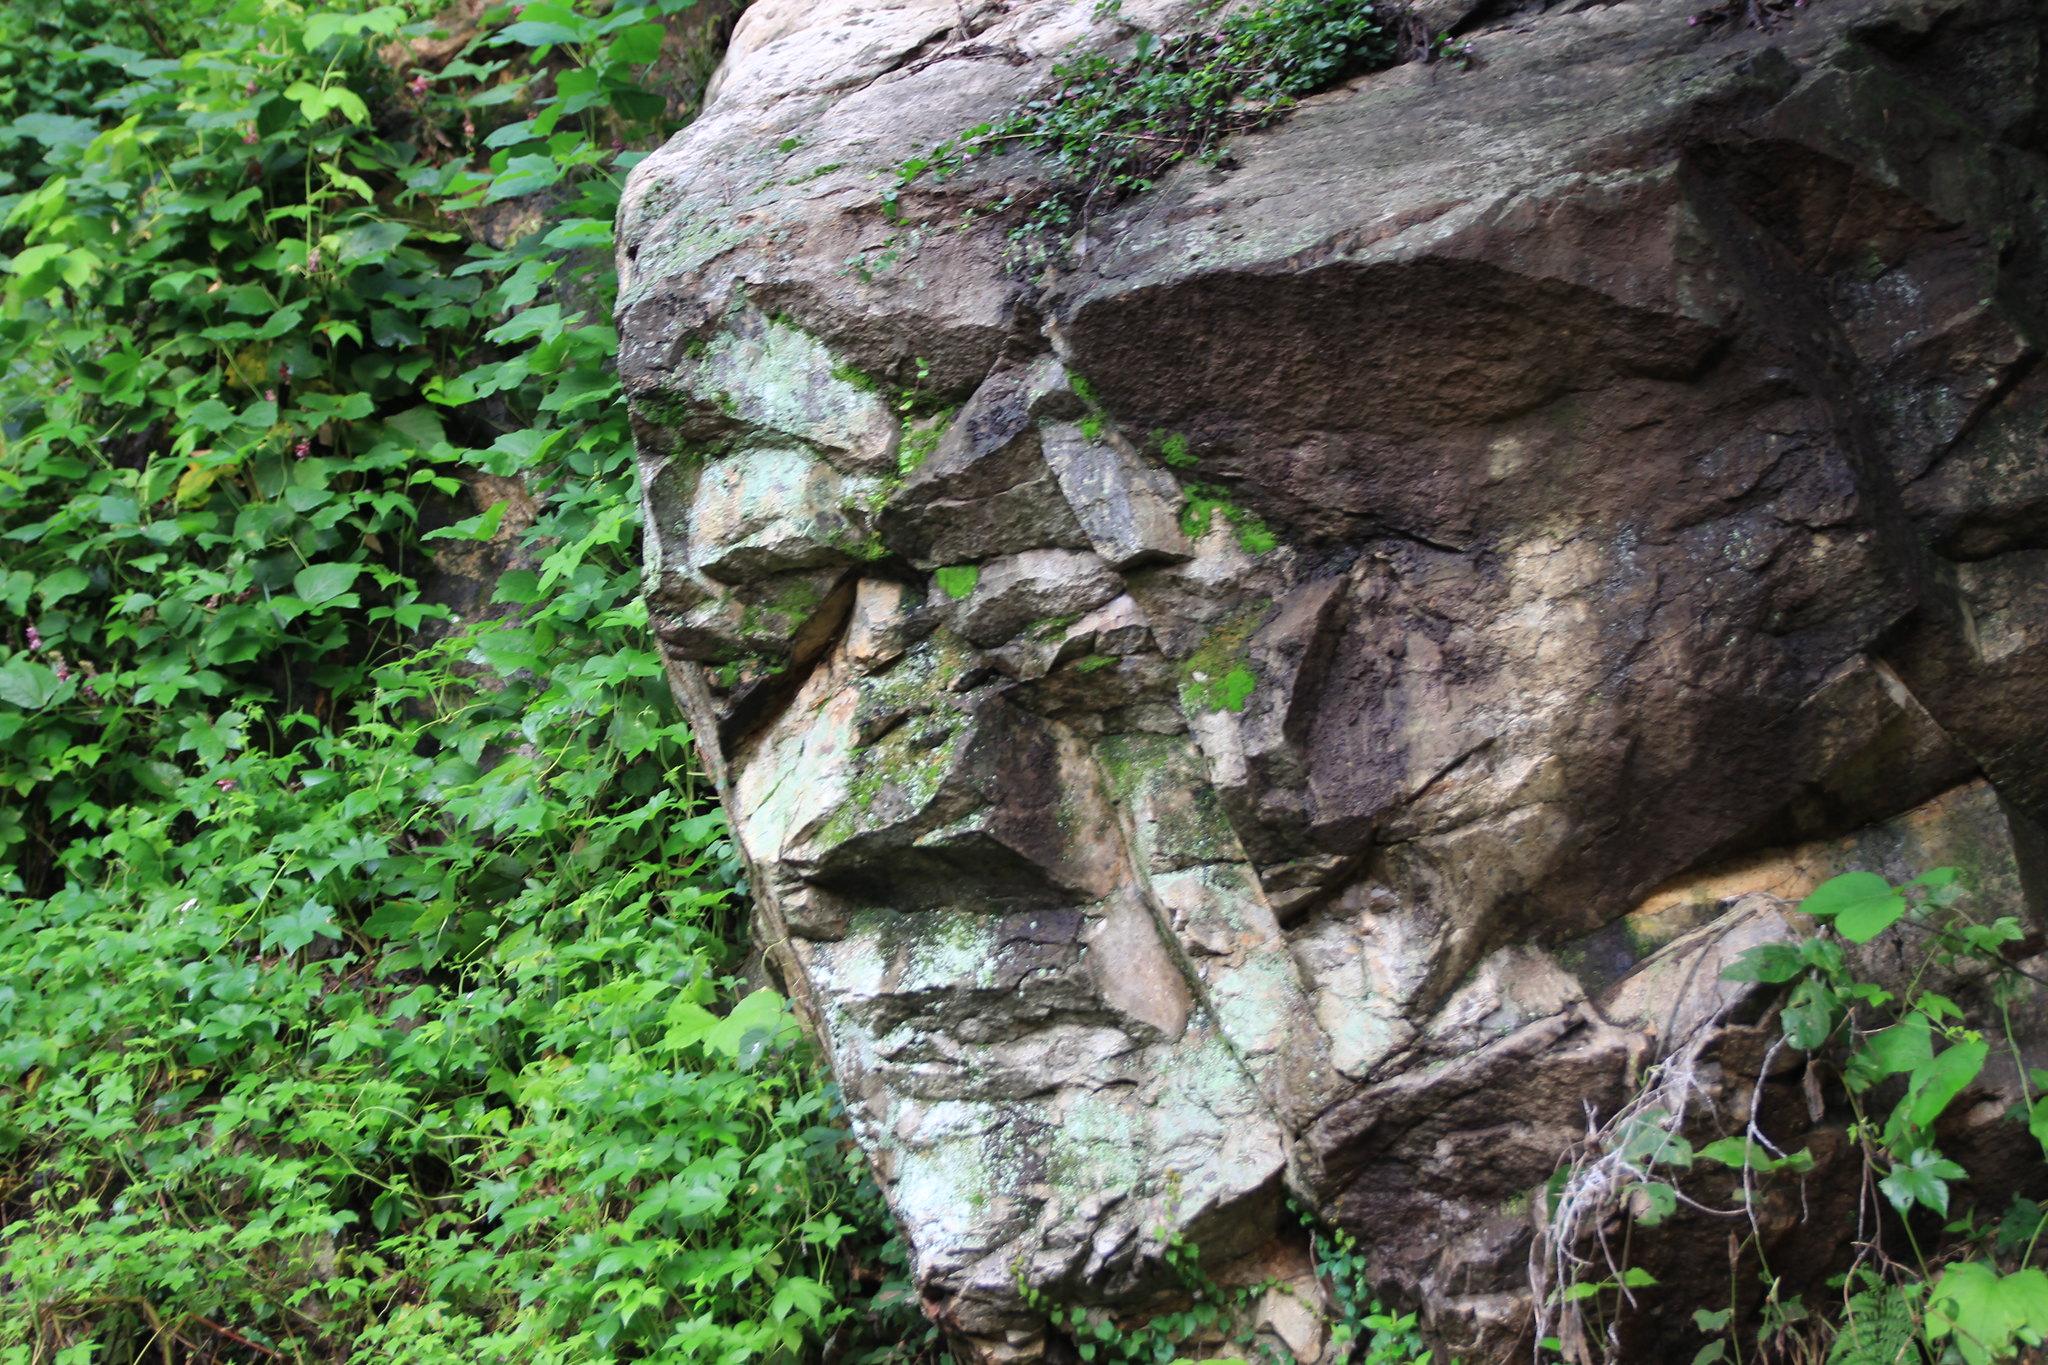 鄭明析牧師自畫像石